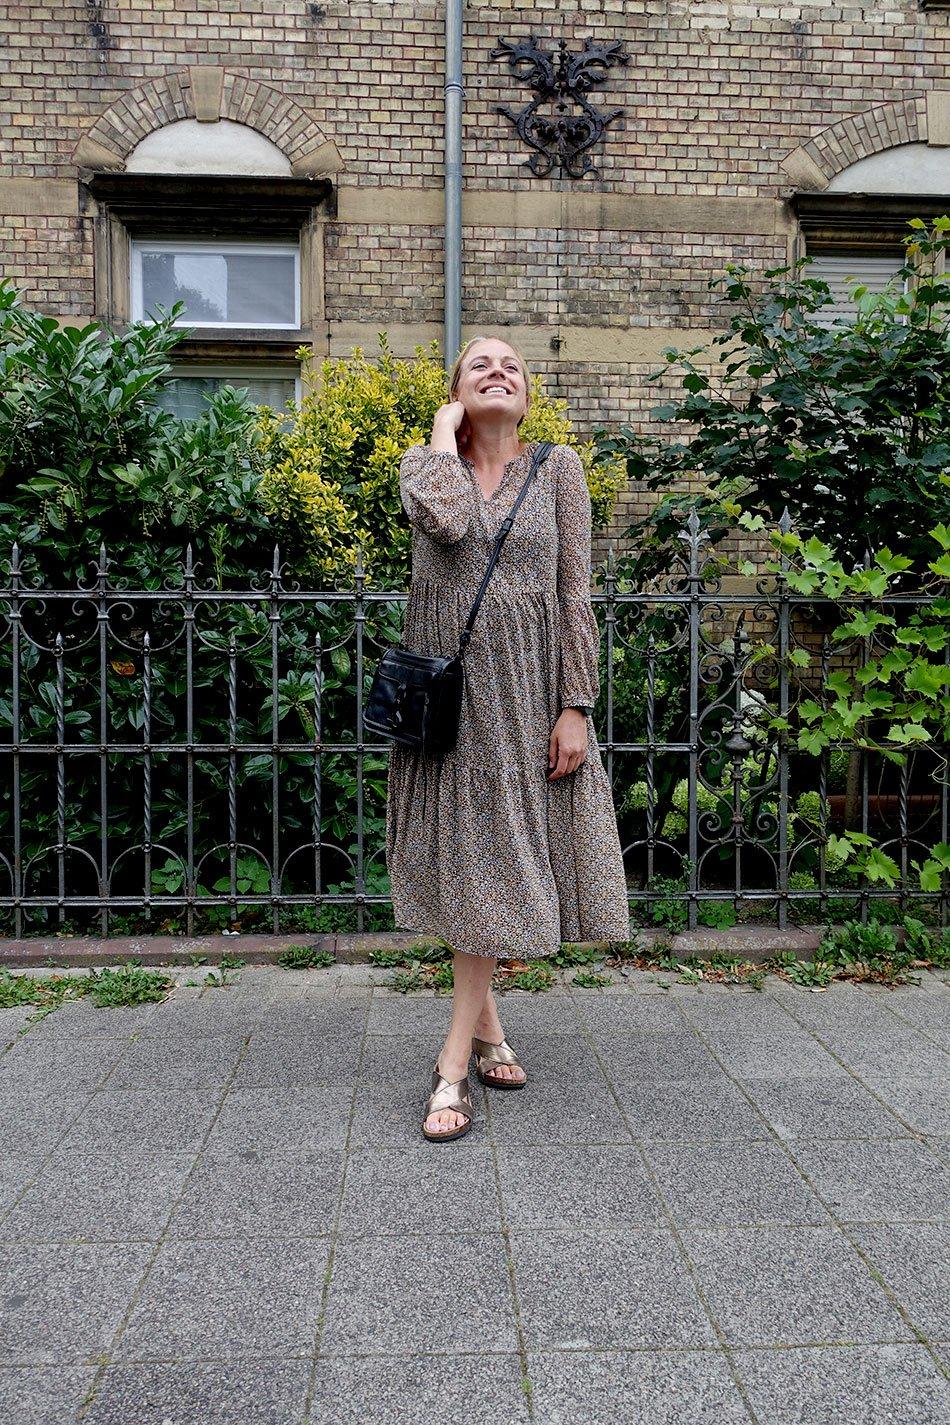 Langes Kleid für die Schwangerschaft